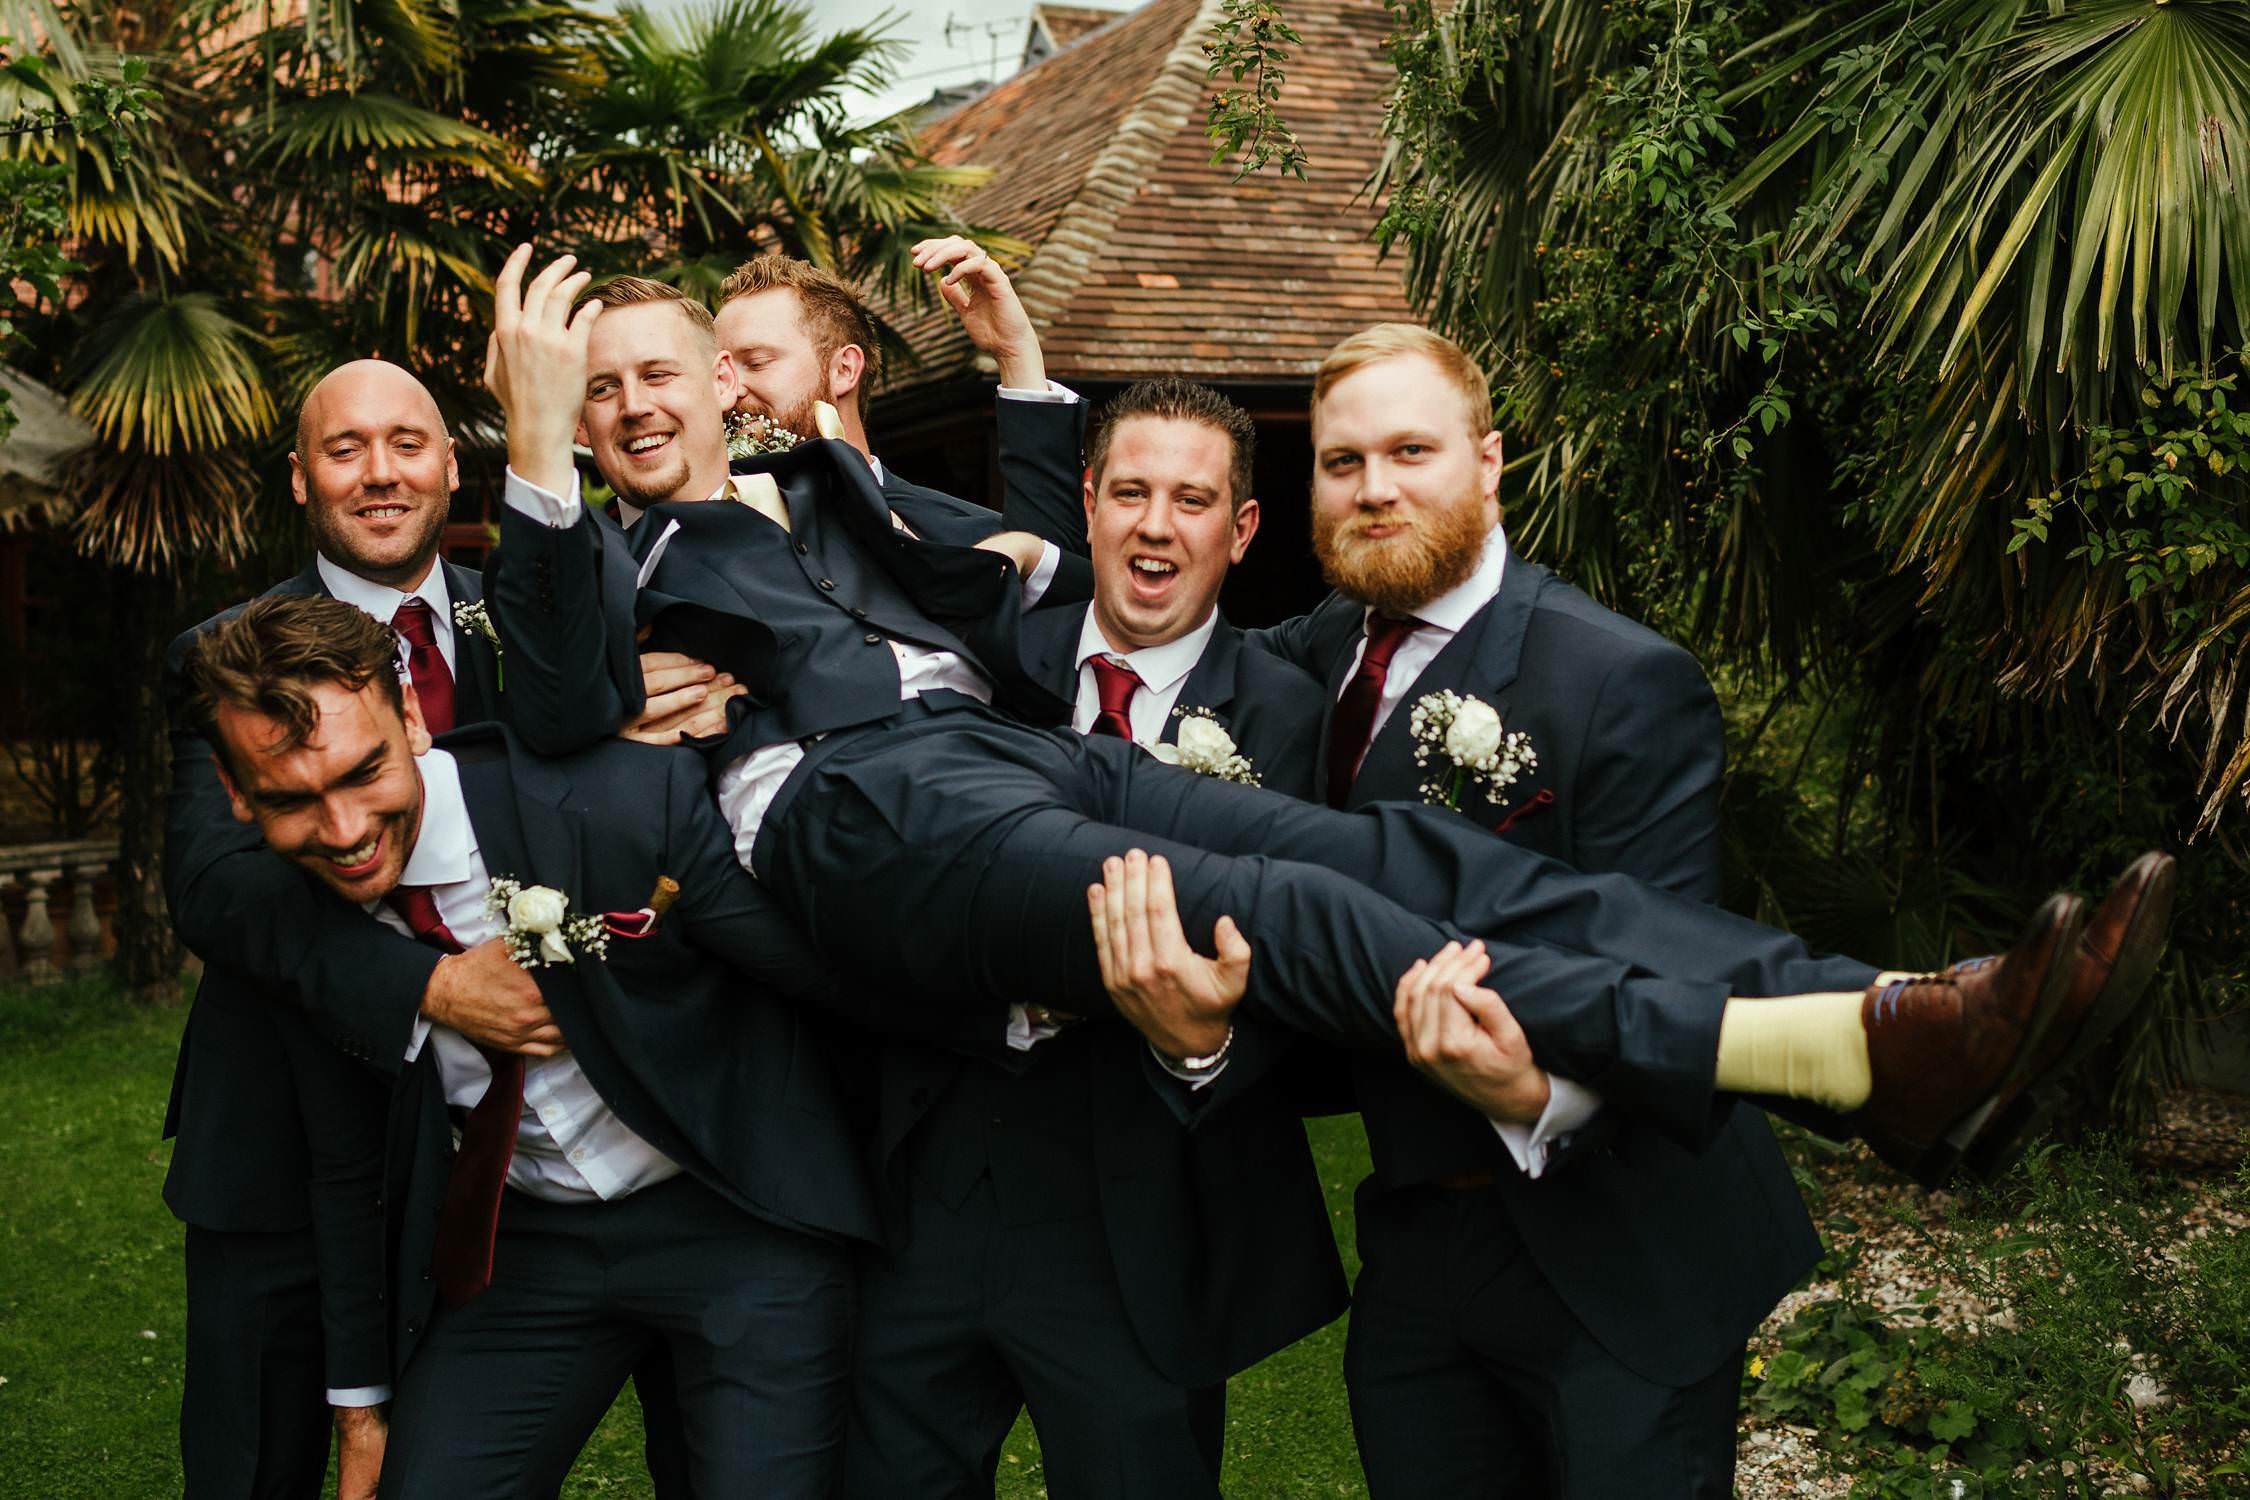 Buckinghamshire-Wedding-Photography-46